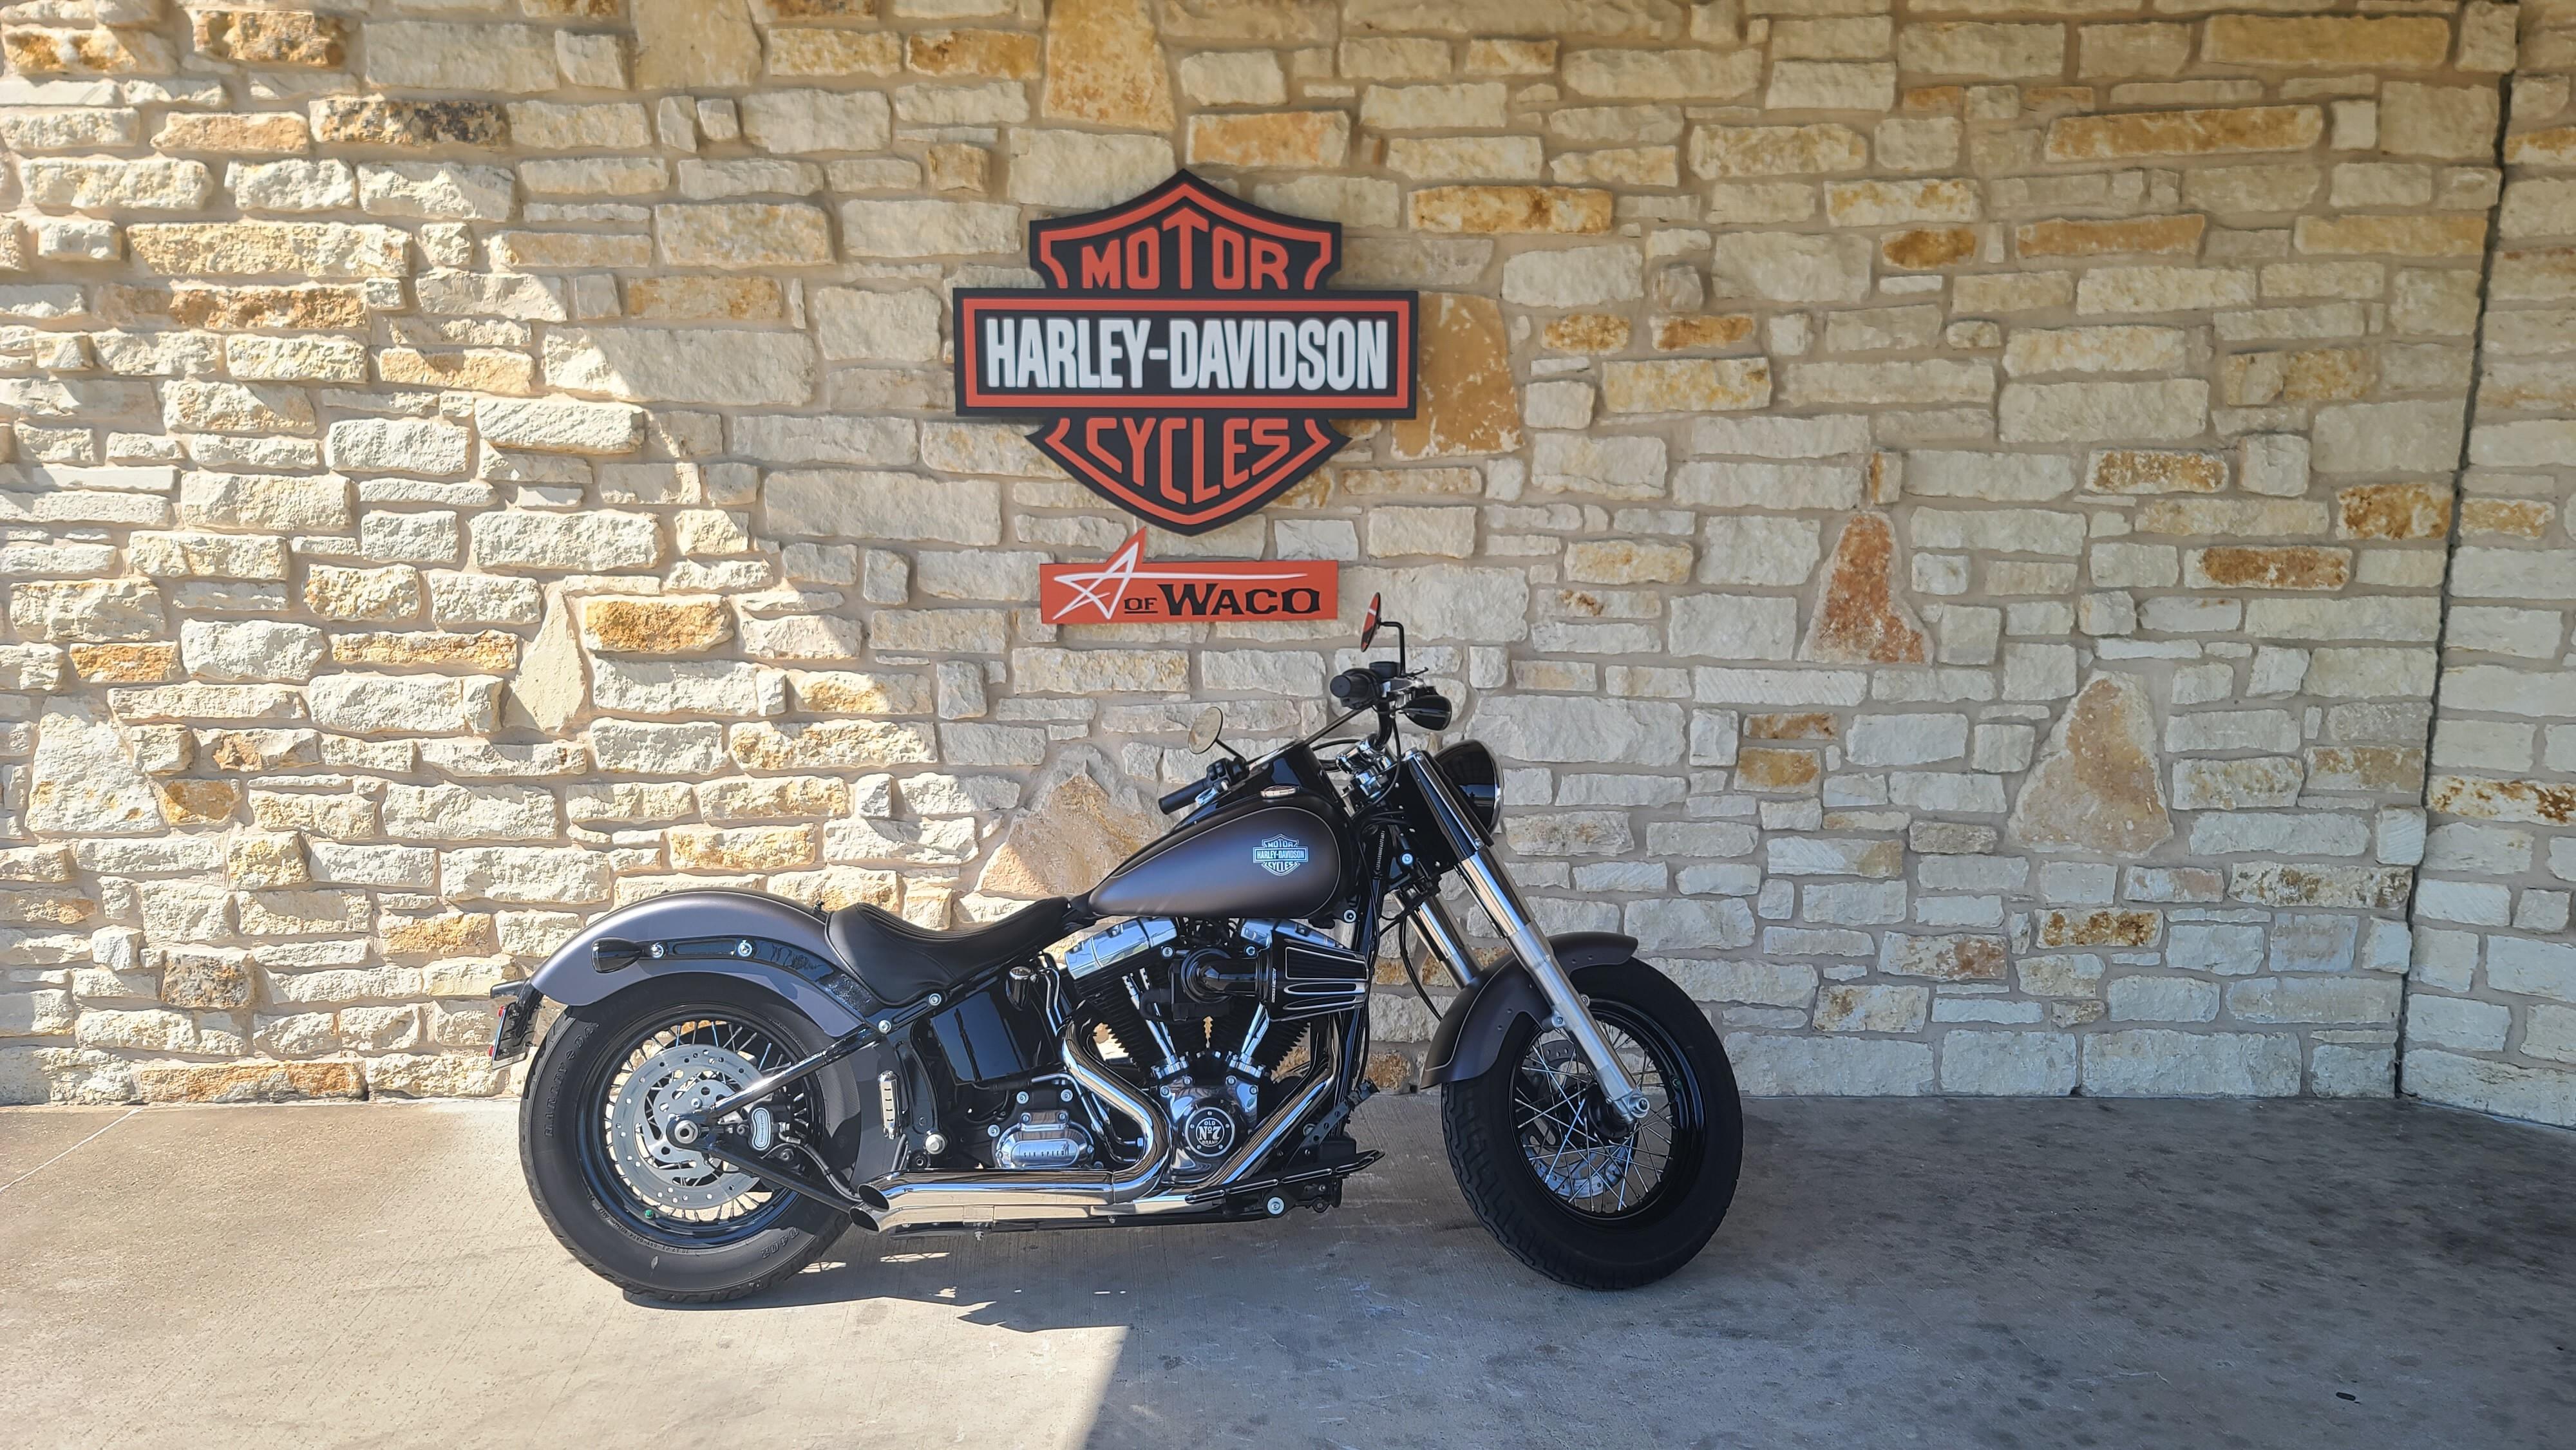 2017 Harley-Davidson Softail Slim at Harley-Davidson of Waco